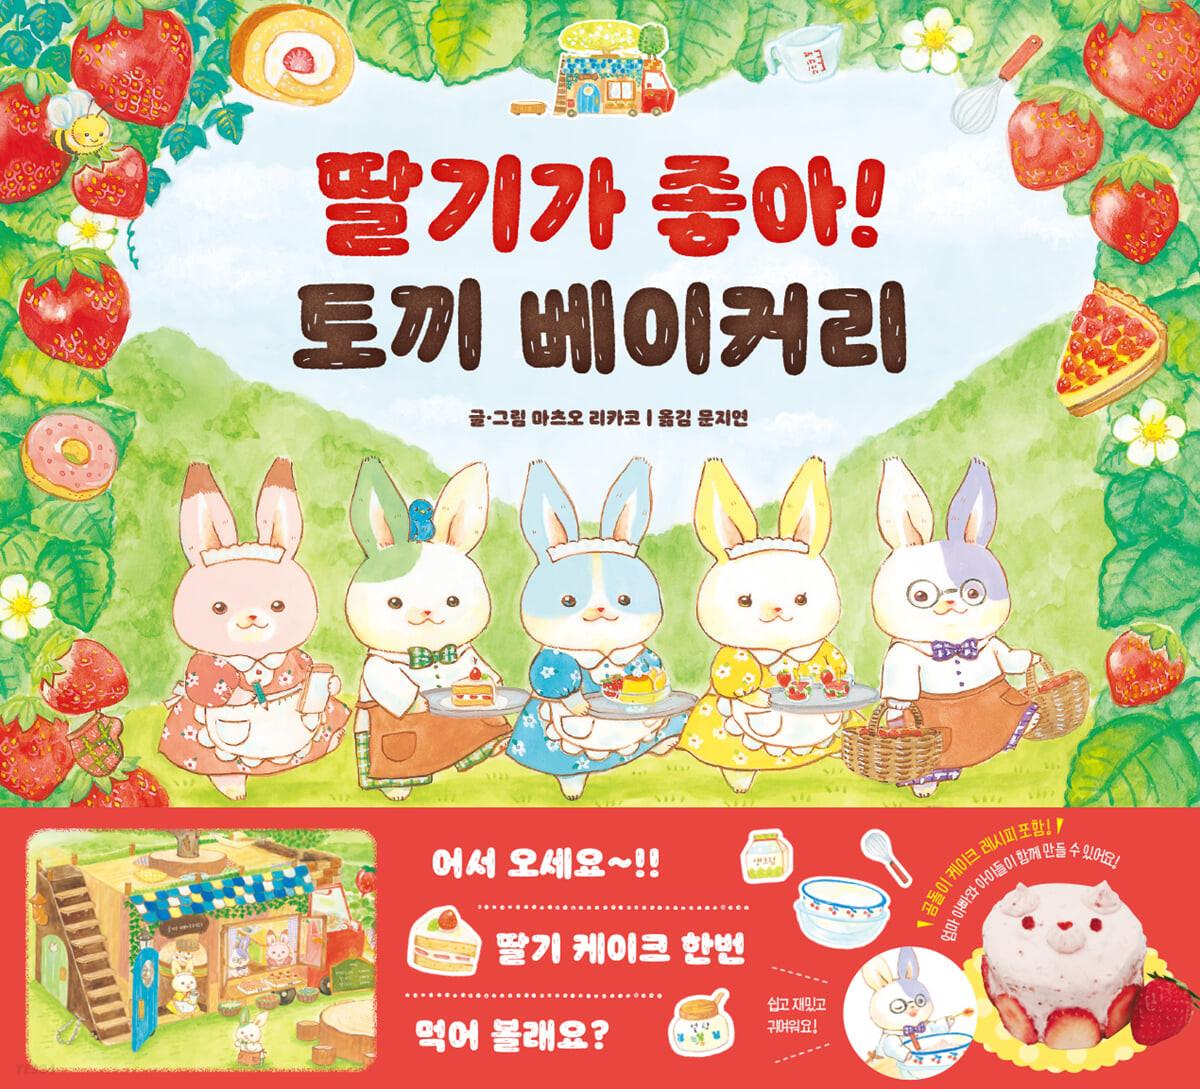 딸기가 좋아! 토끼 베이커리